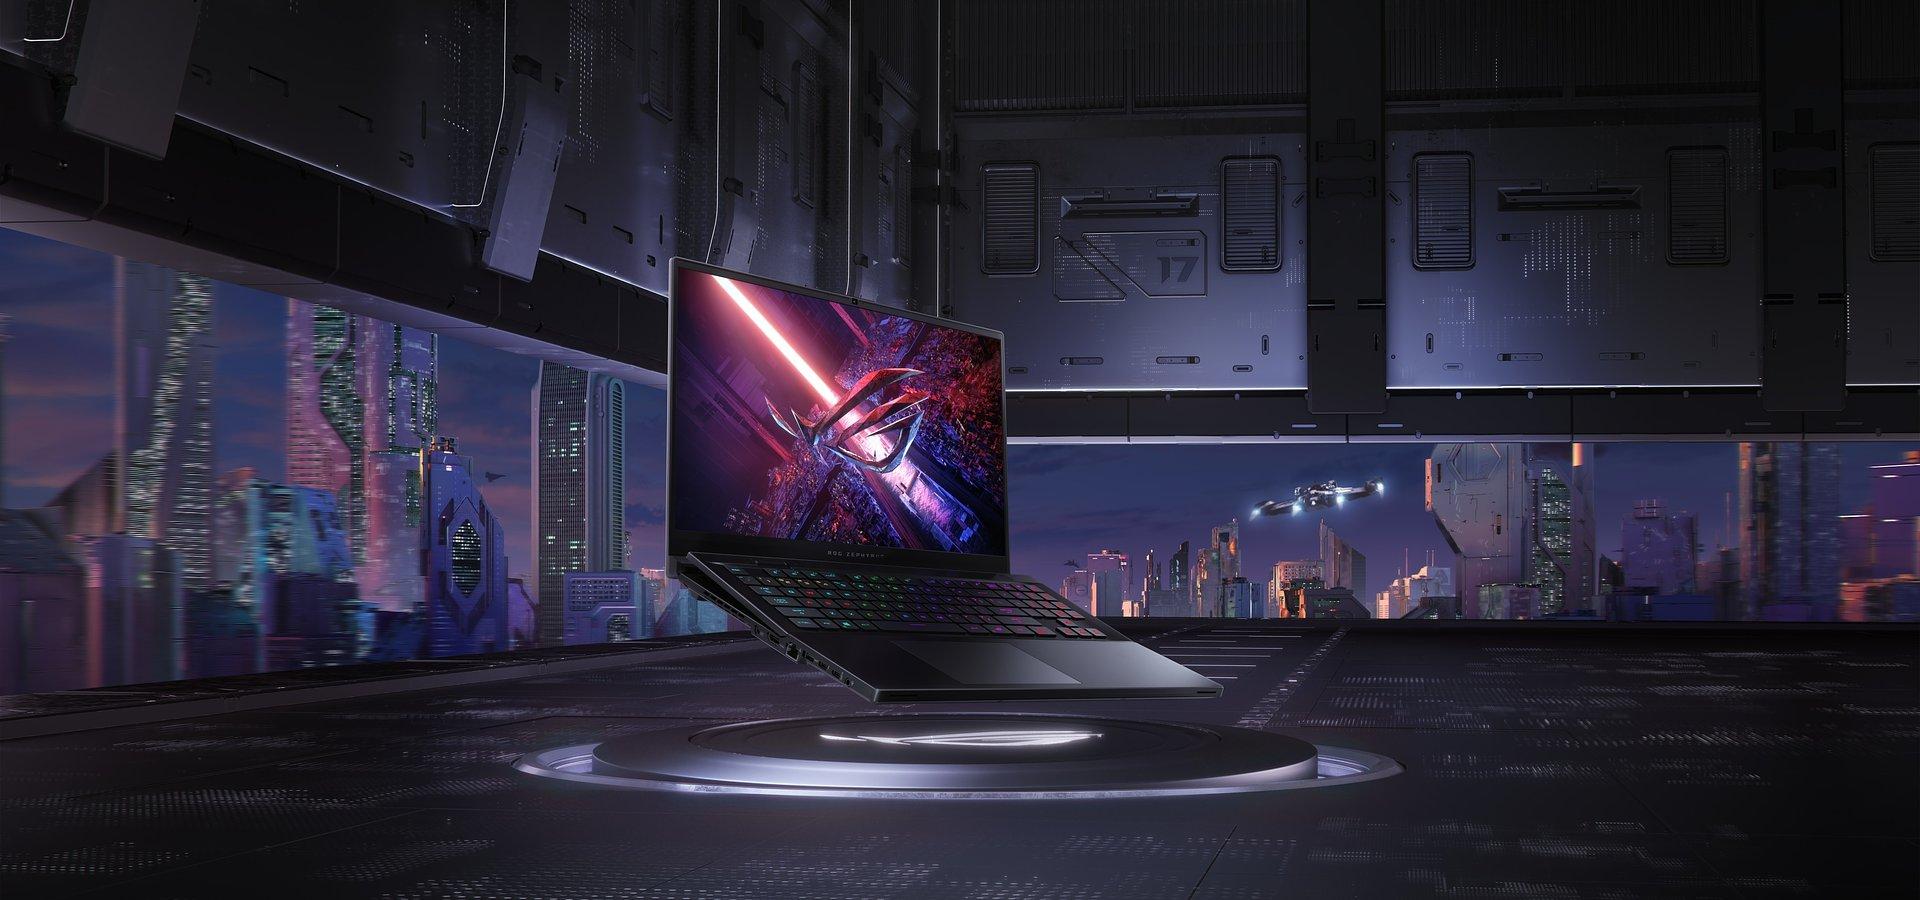 ROG prezentuje laptopa gamingowego Zephyrus S17 klasy premium z klawiaturą z mechanizmem unoszenia